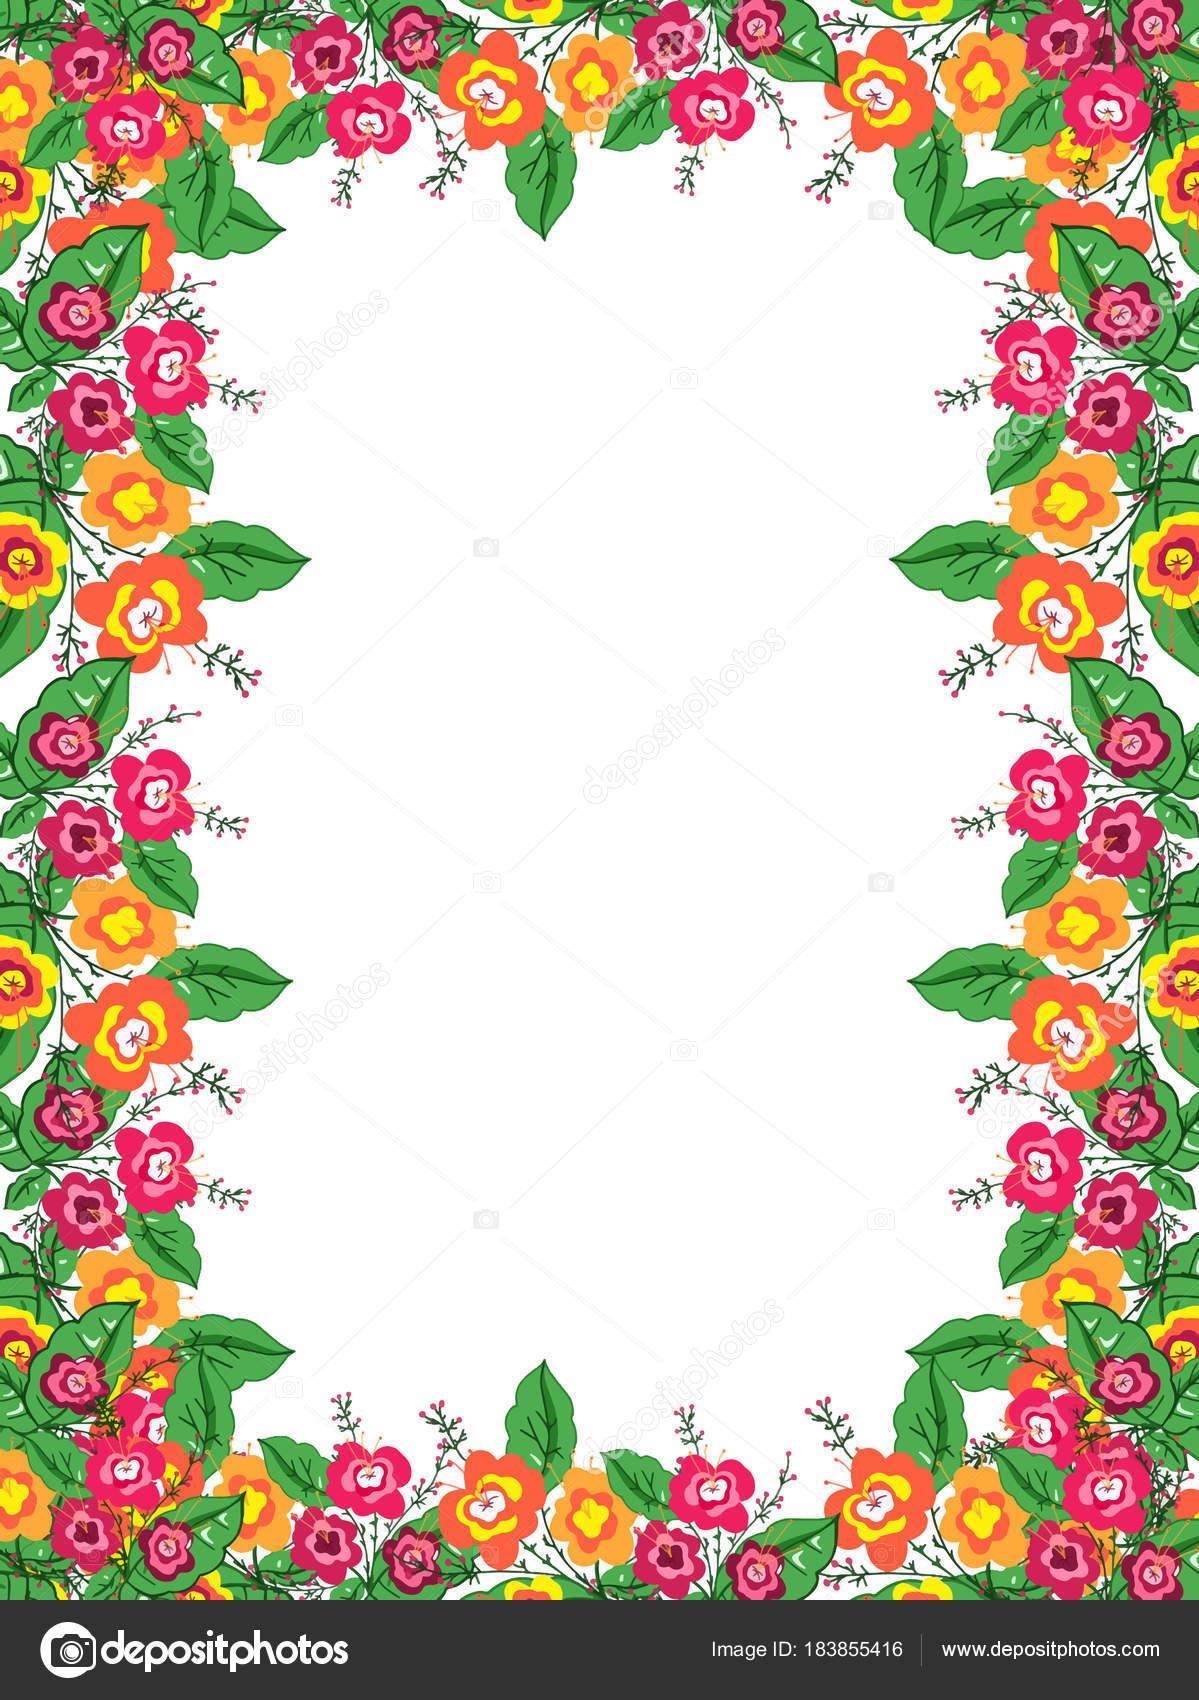 Ilustración Marco Flores Color — Foto de stock © designartks #183855416